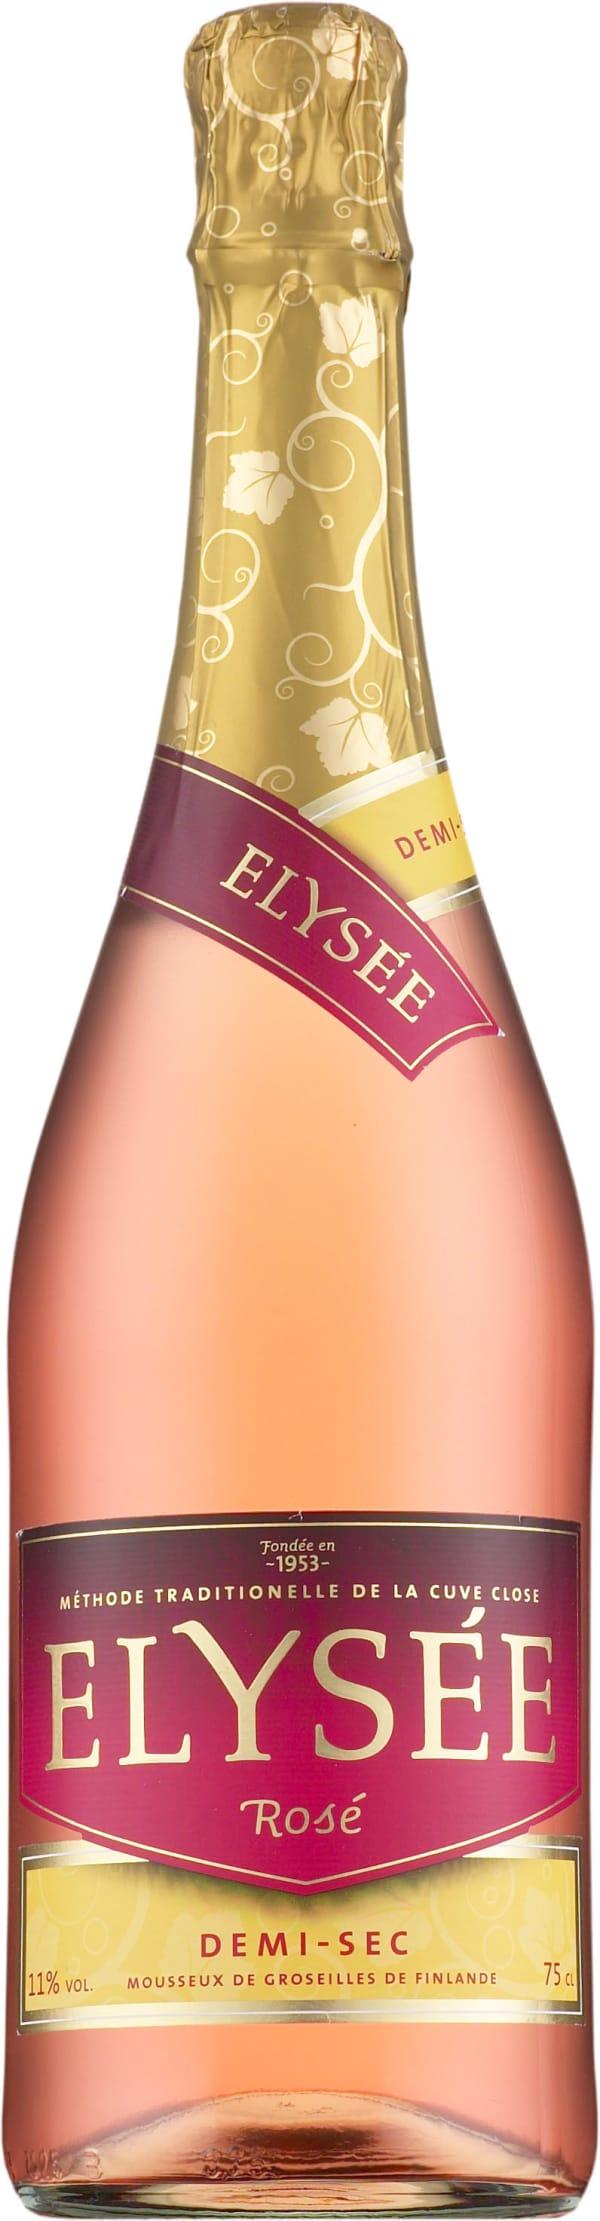 Elysée Rosé Demi-Sec